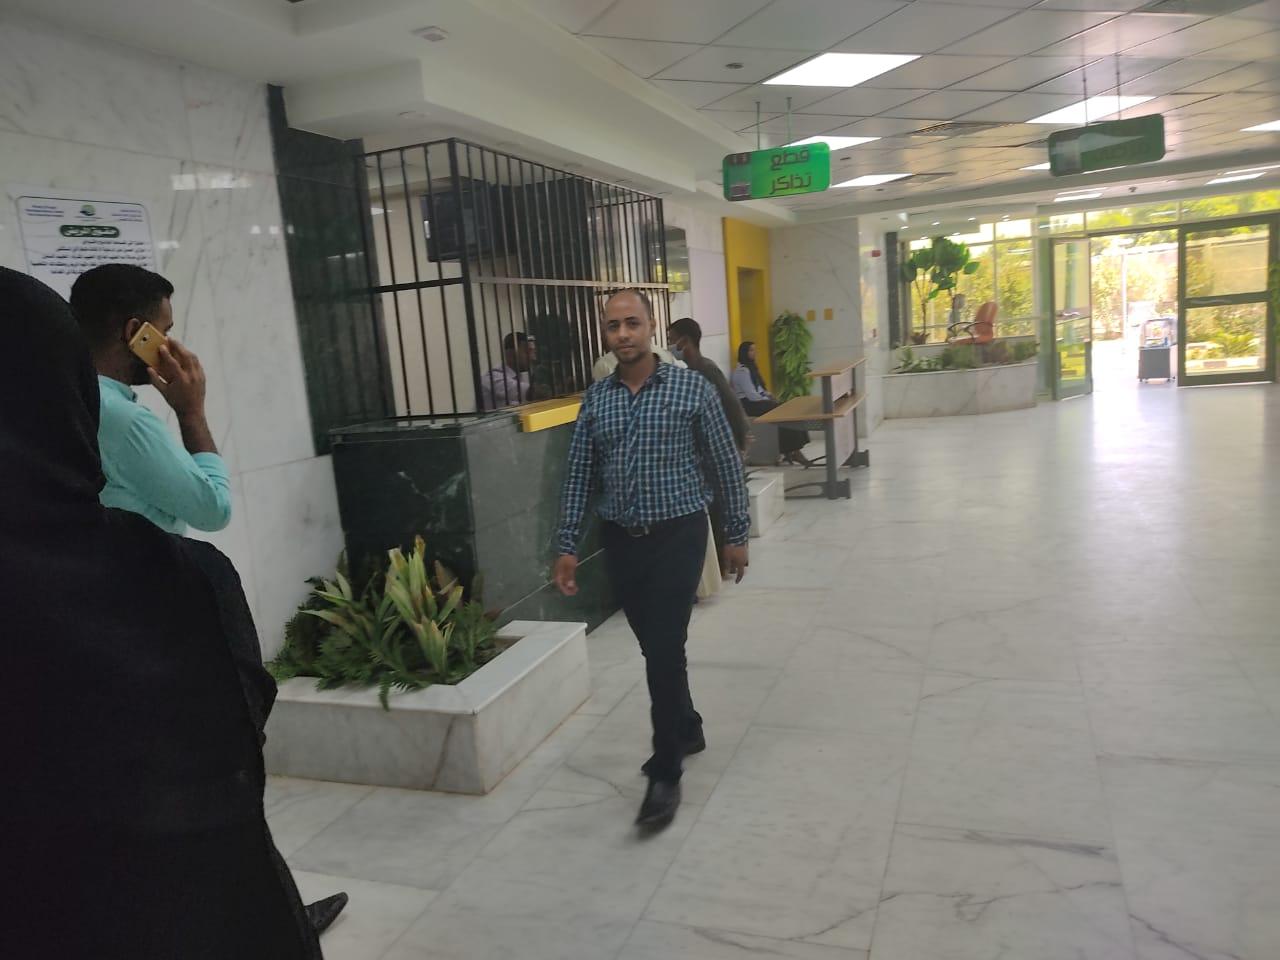 أروقة وأقسام مستشفى إسنا التخصصى تعود للحياة الطبيعية بعد 140 يوماً من العزل  (7)